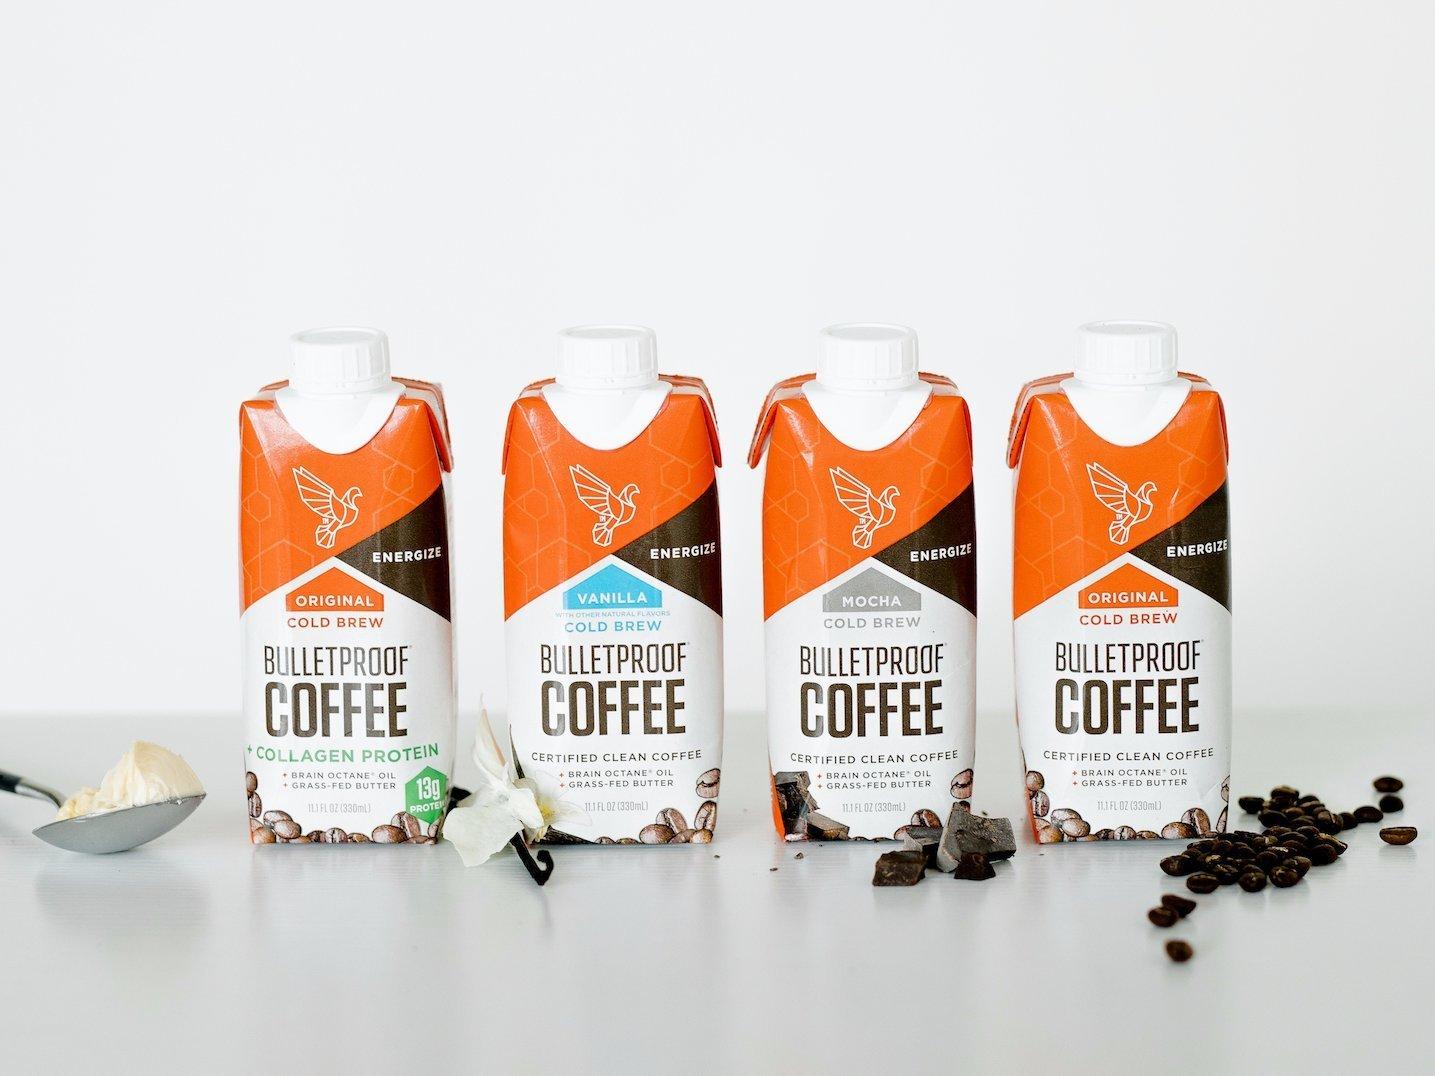 Drinking bulletproof coffee